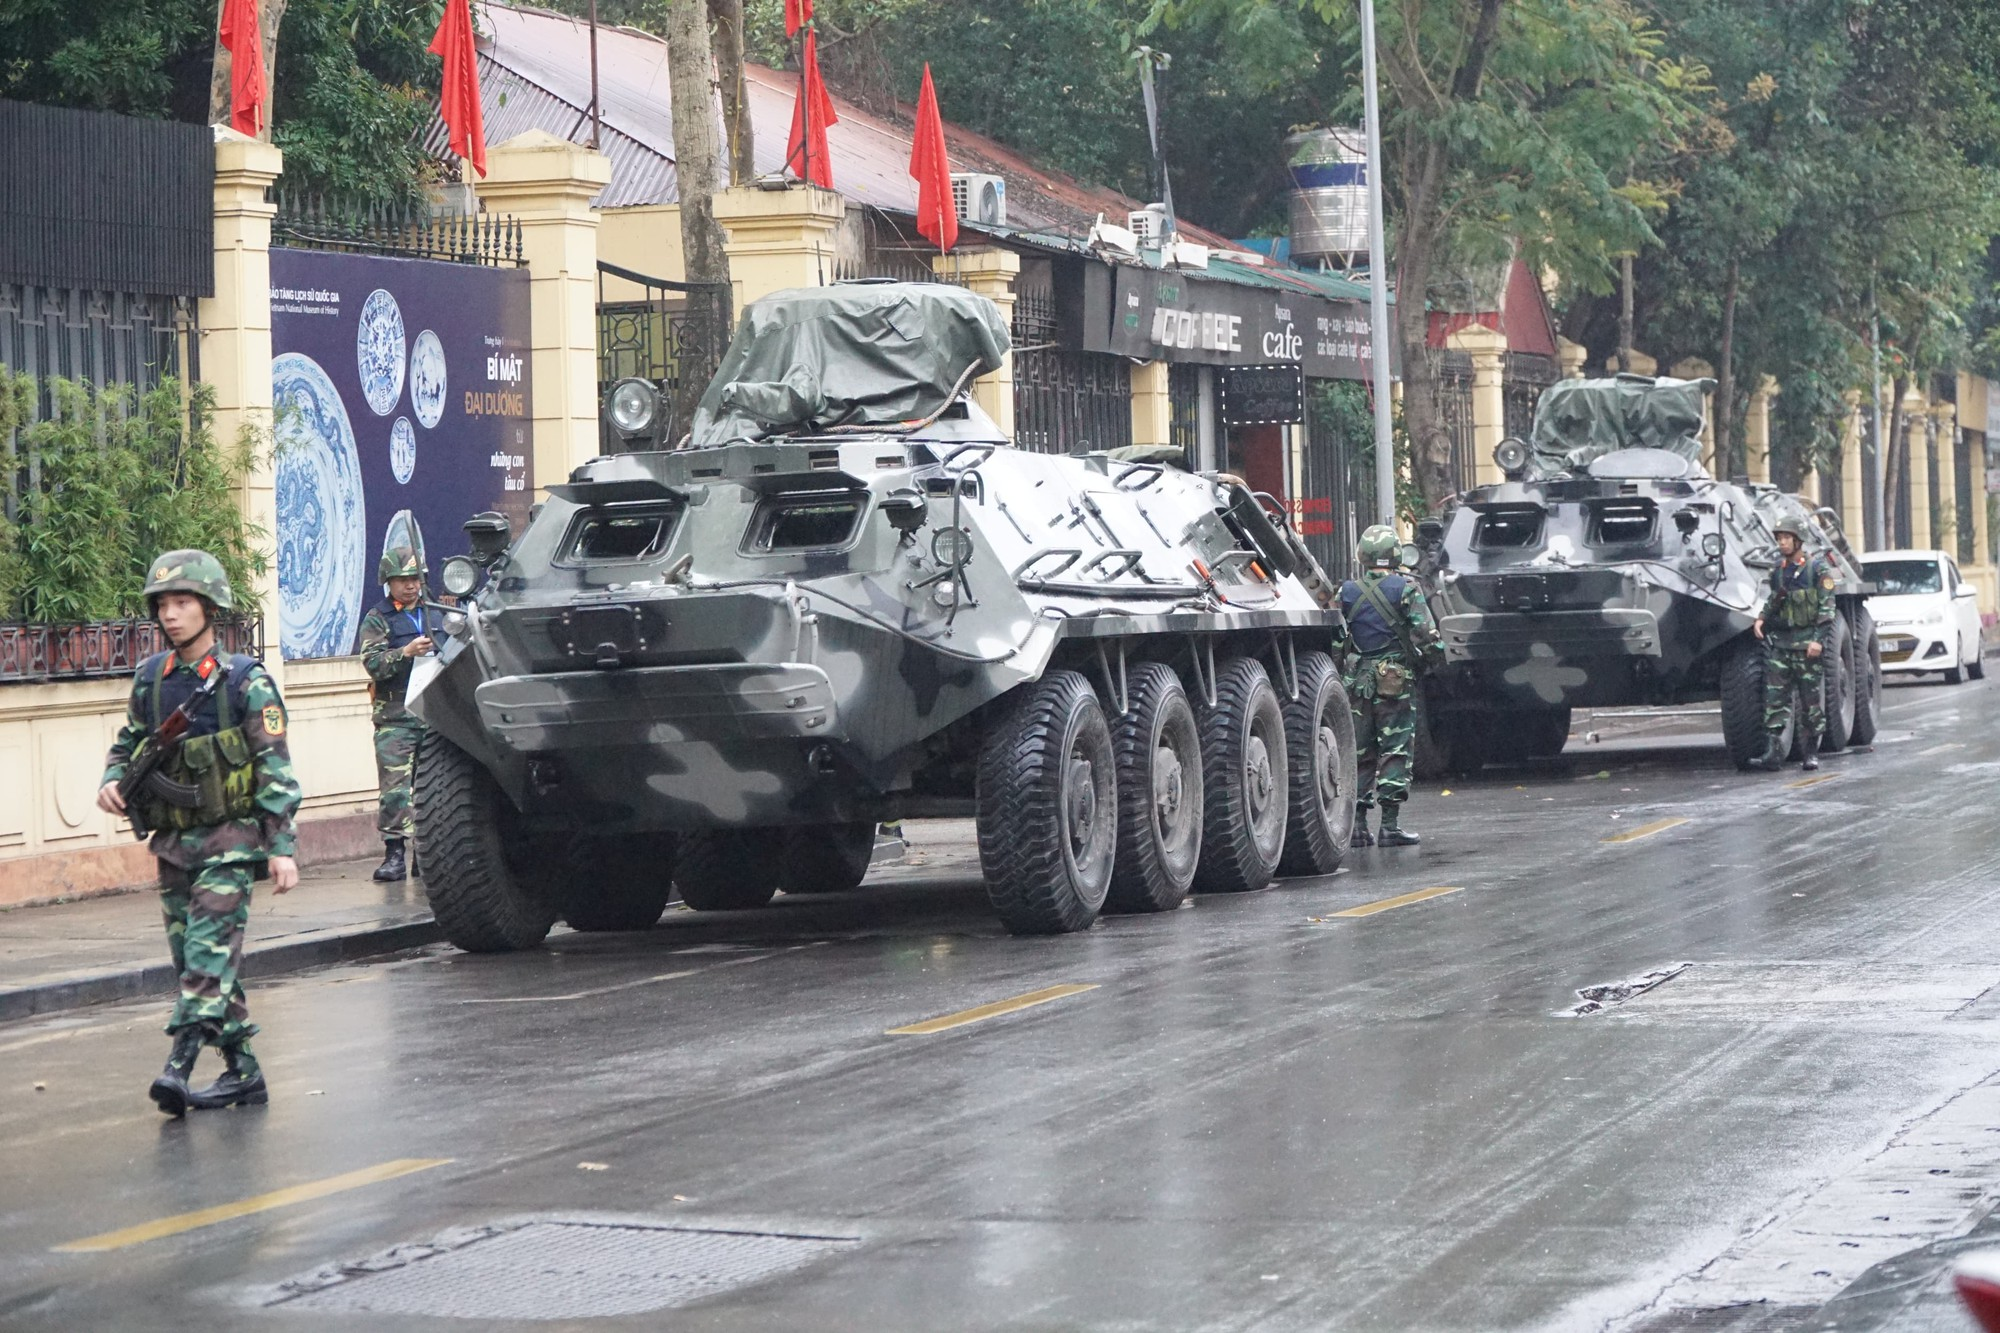 Toàn cảnh đón Chủ tịch Triều Tiên Kim Jong-un tại Việt Nam - Ảnh 28.